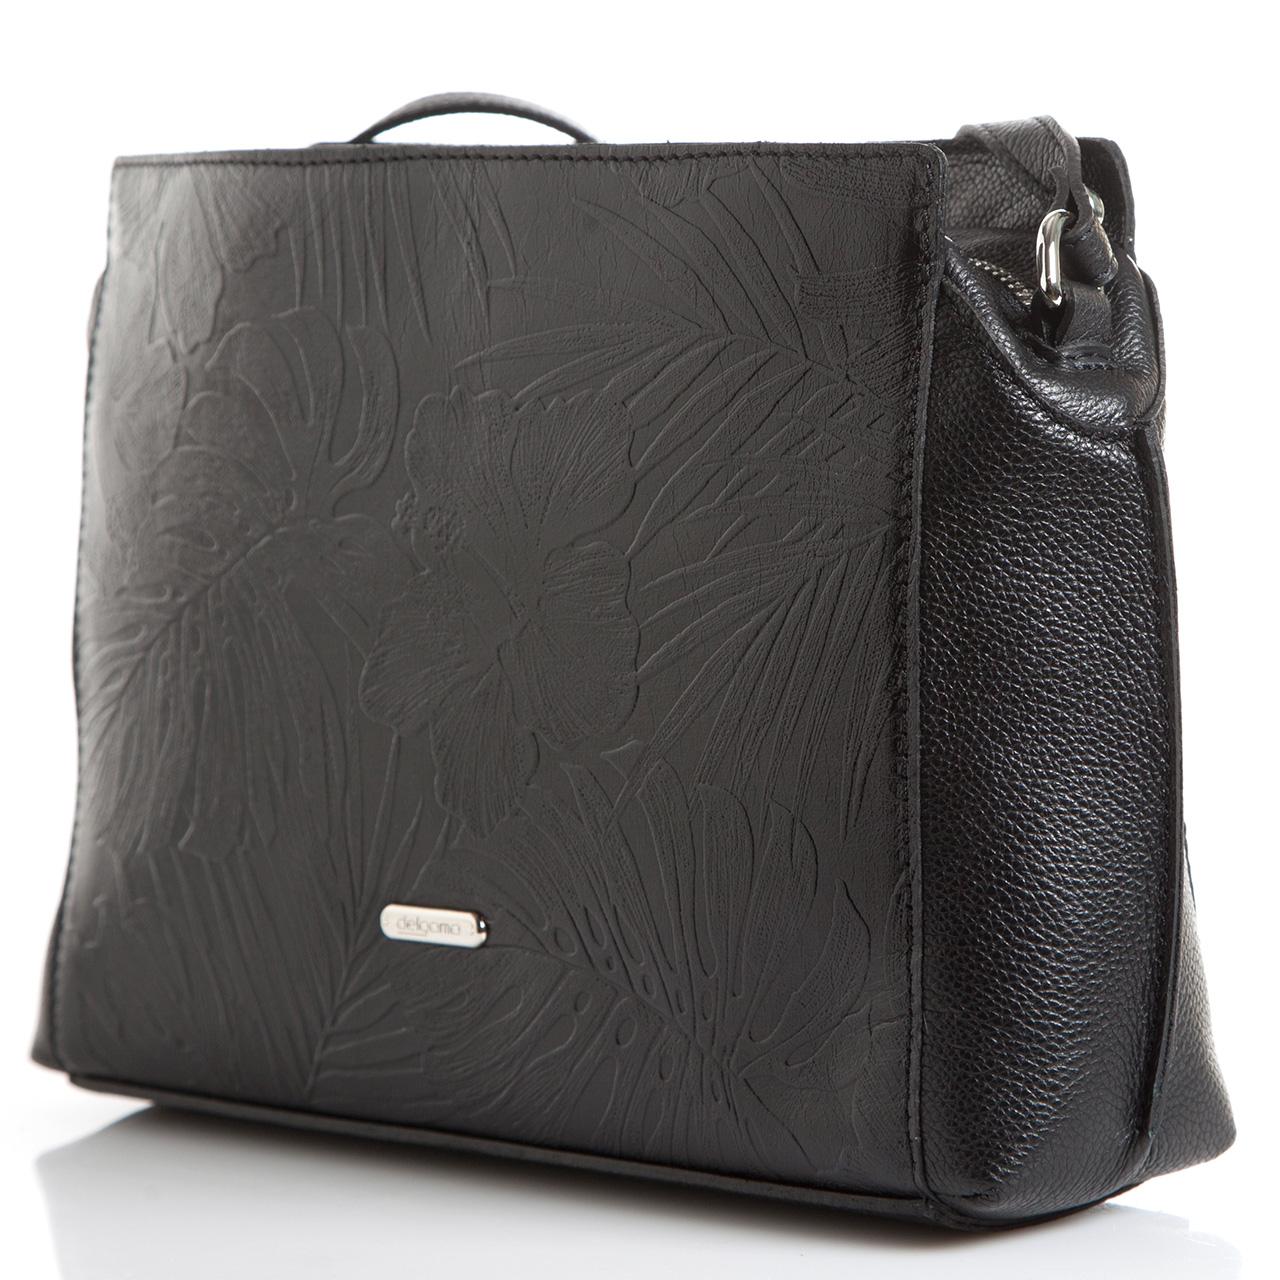 2d123394666c Кожаные сумки купить в интернет-магазине Домани (Domani)